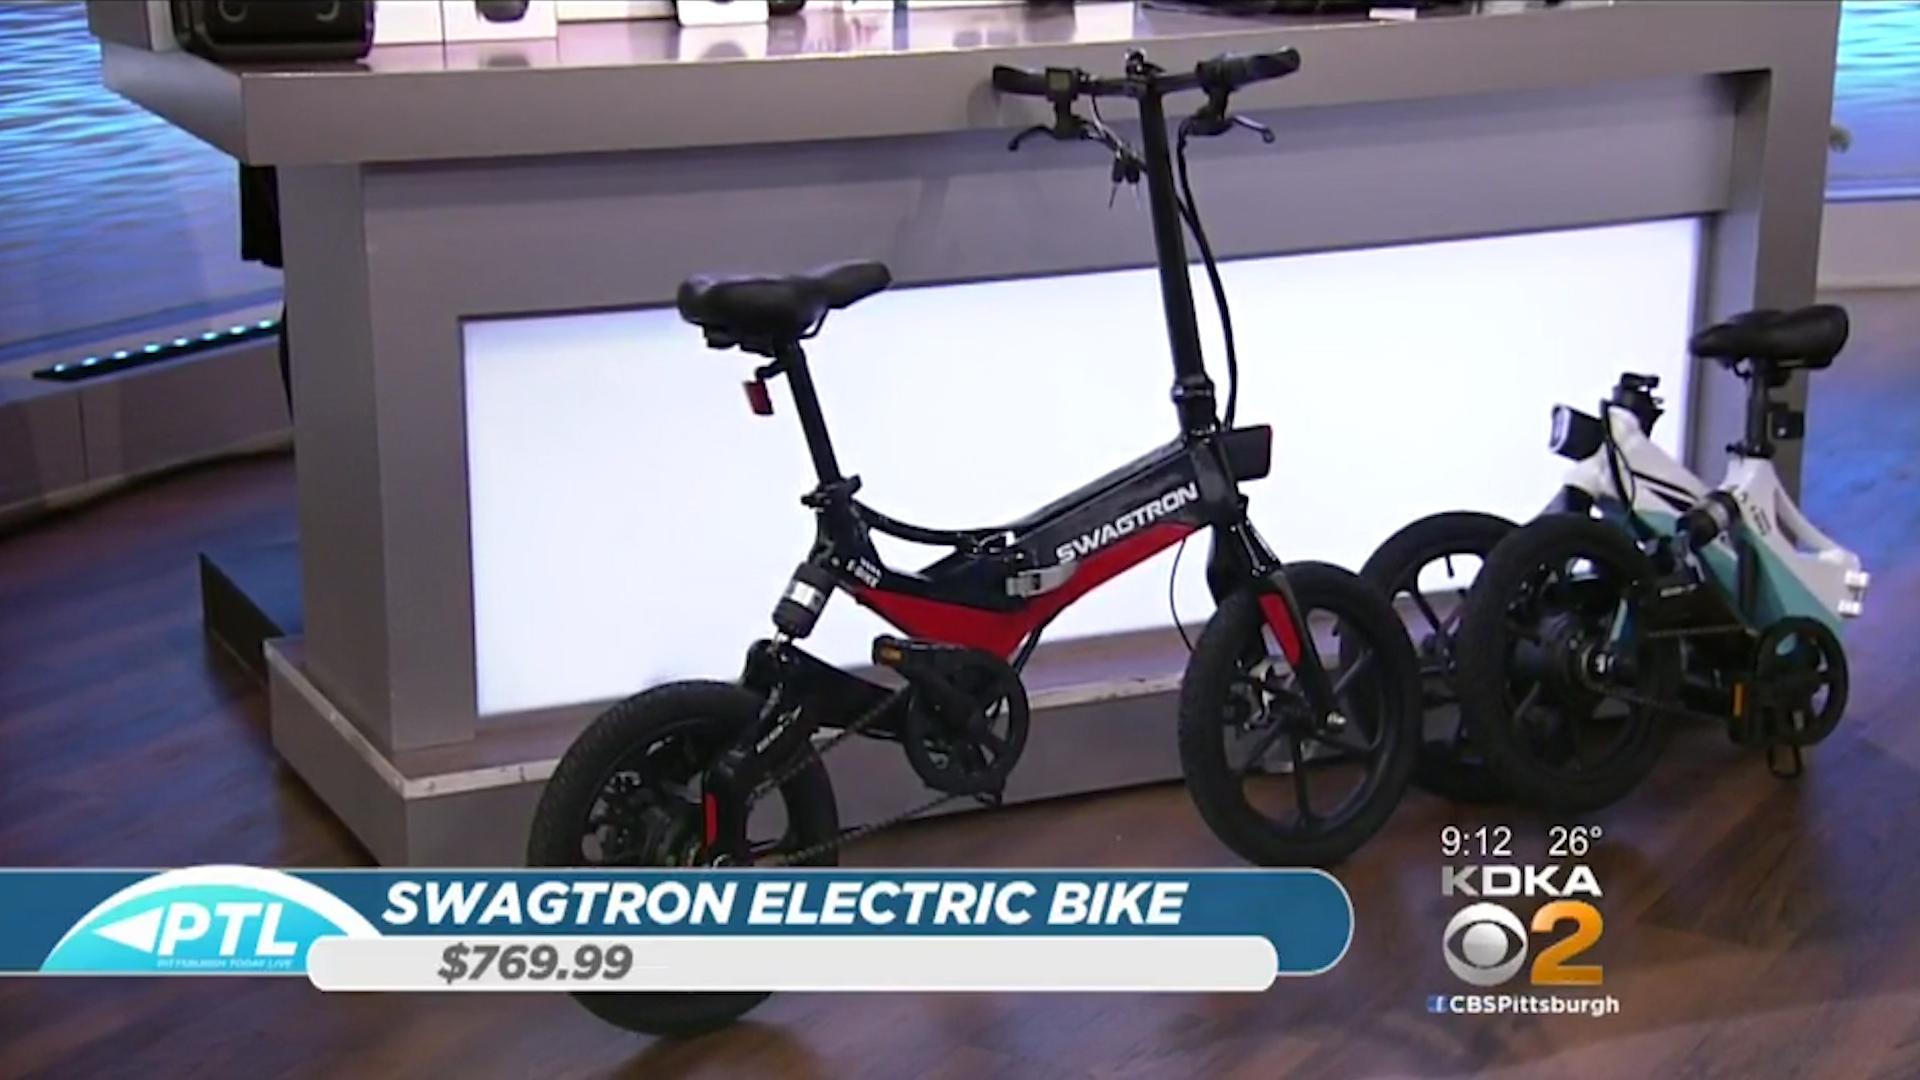 SWAGTRON EB7 FOLDING ELECTRIC BIKE - $769.99Shop Now